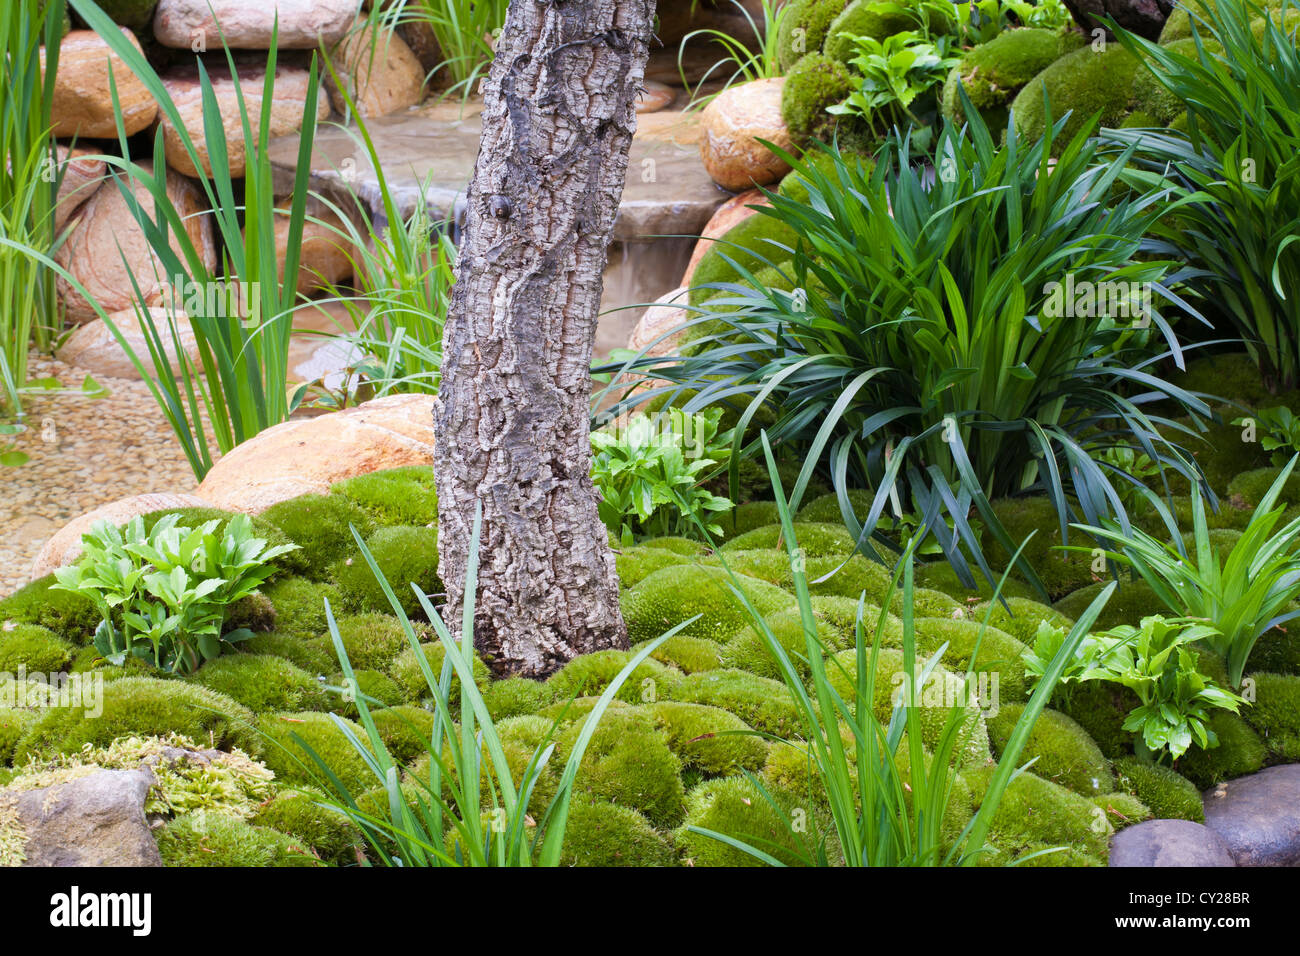 Planting in Japanese moss garden, Satoyama Life, Chelse Flower Show 2012 Stock Photo